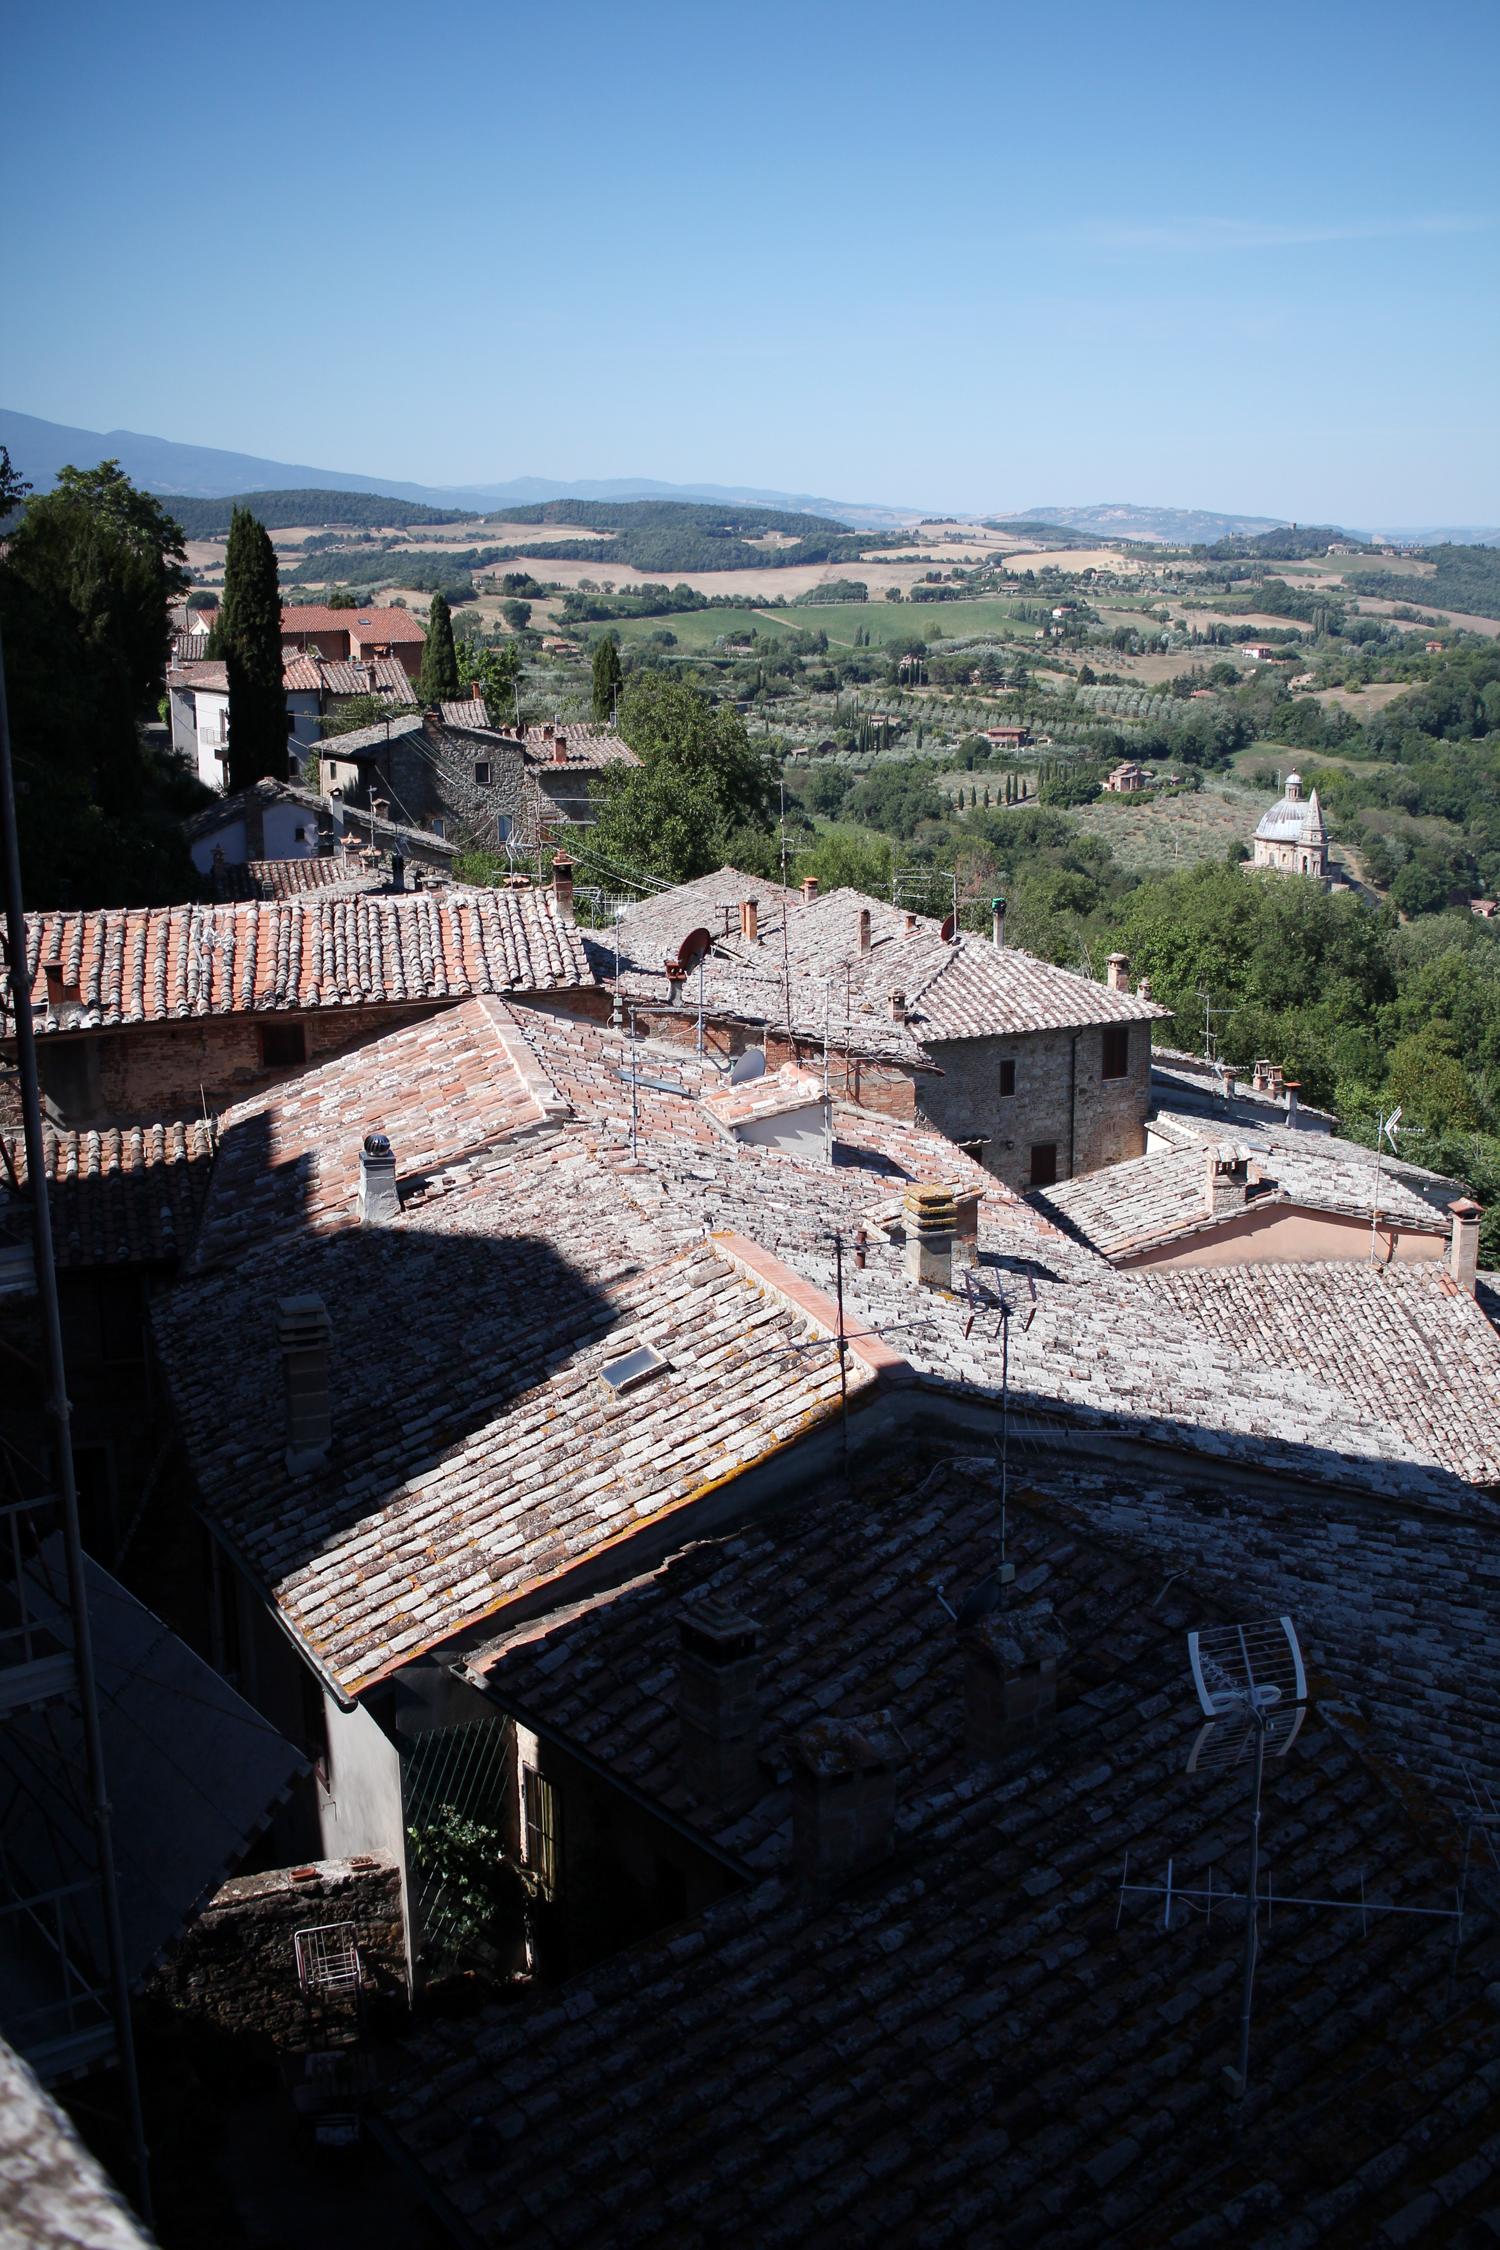 tuscany-italy-montepulciano-travel-blogger-1